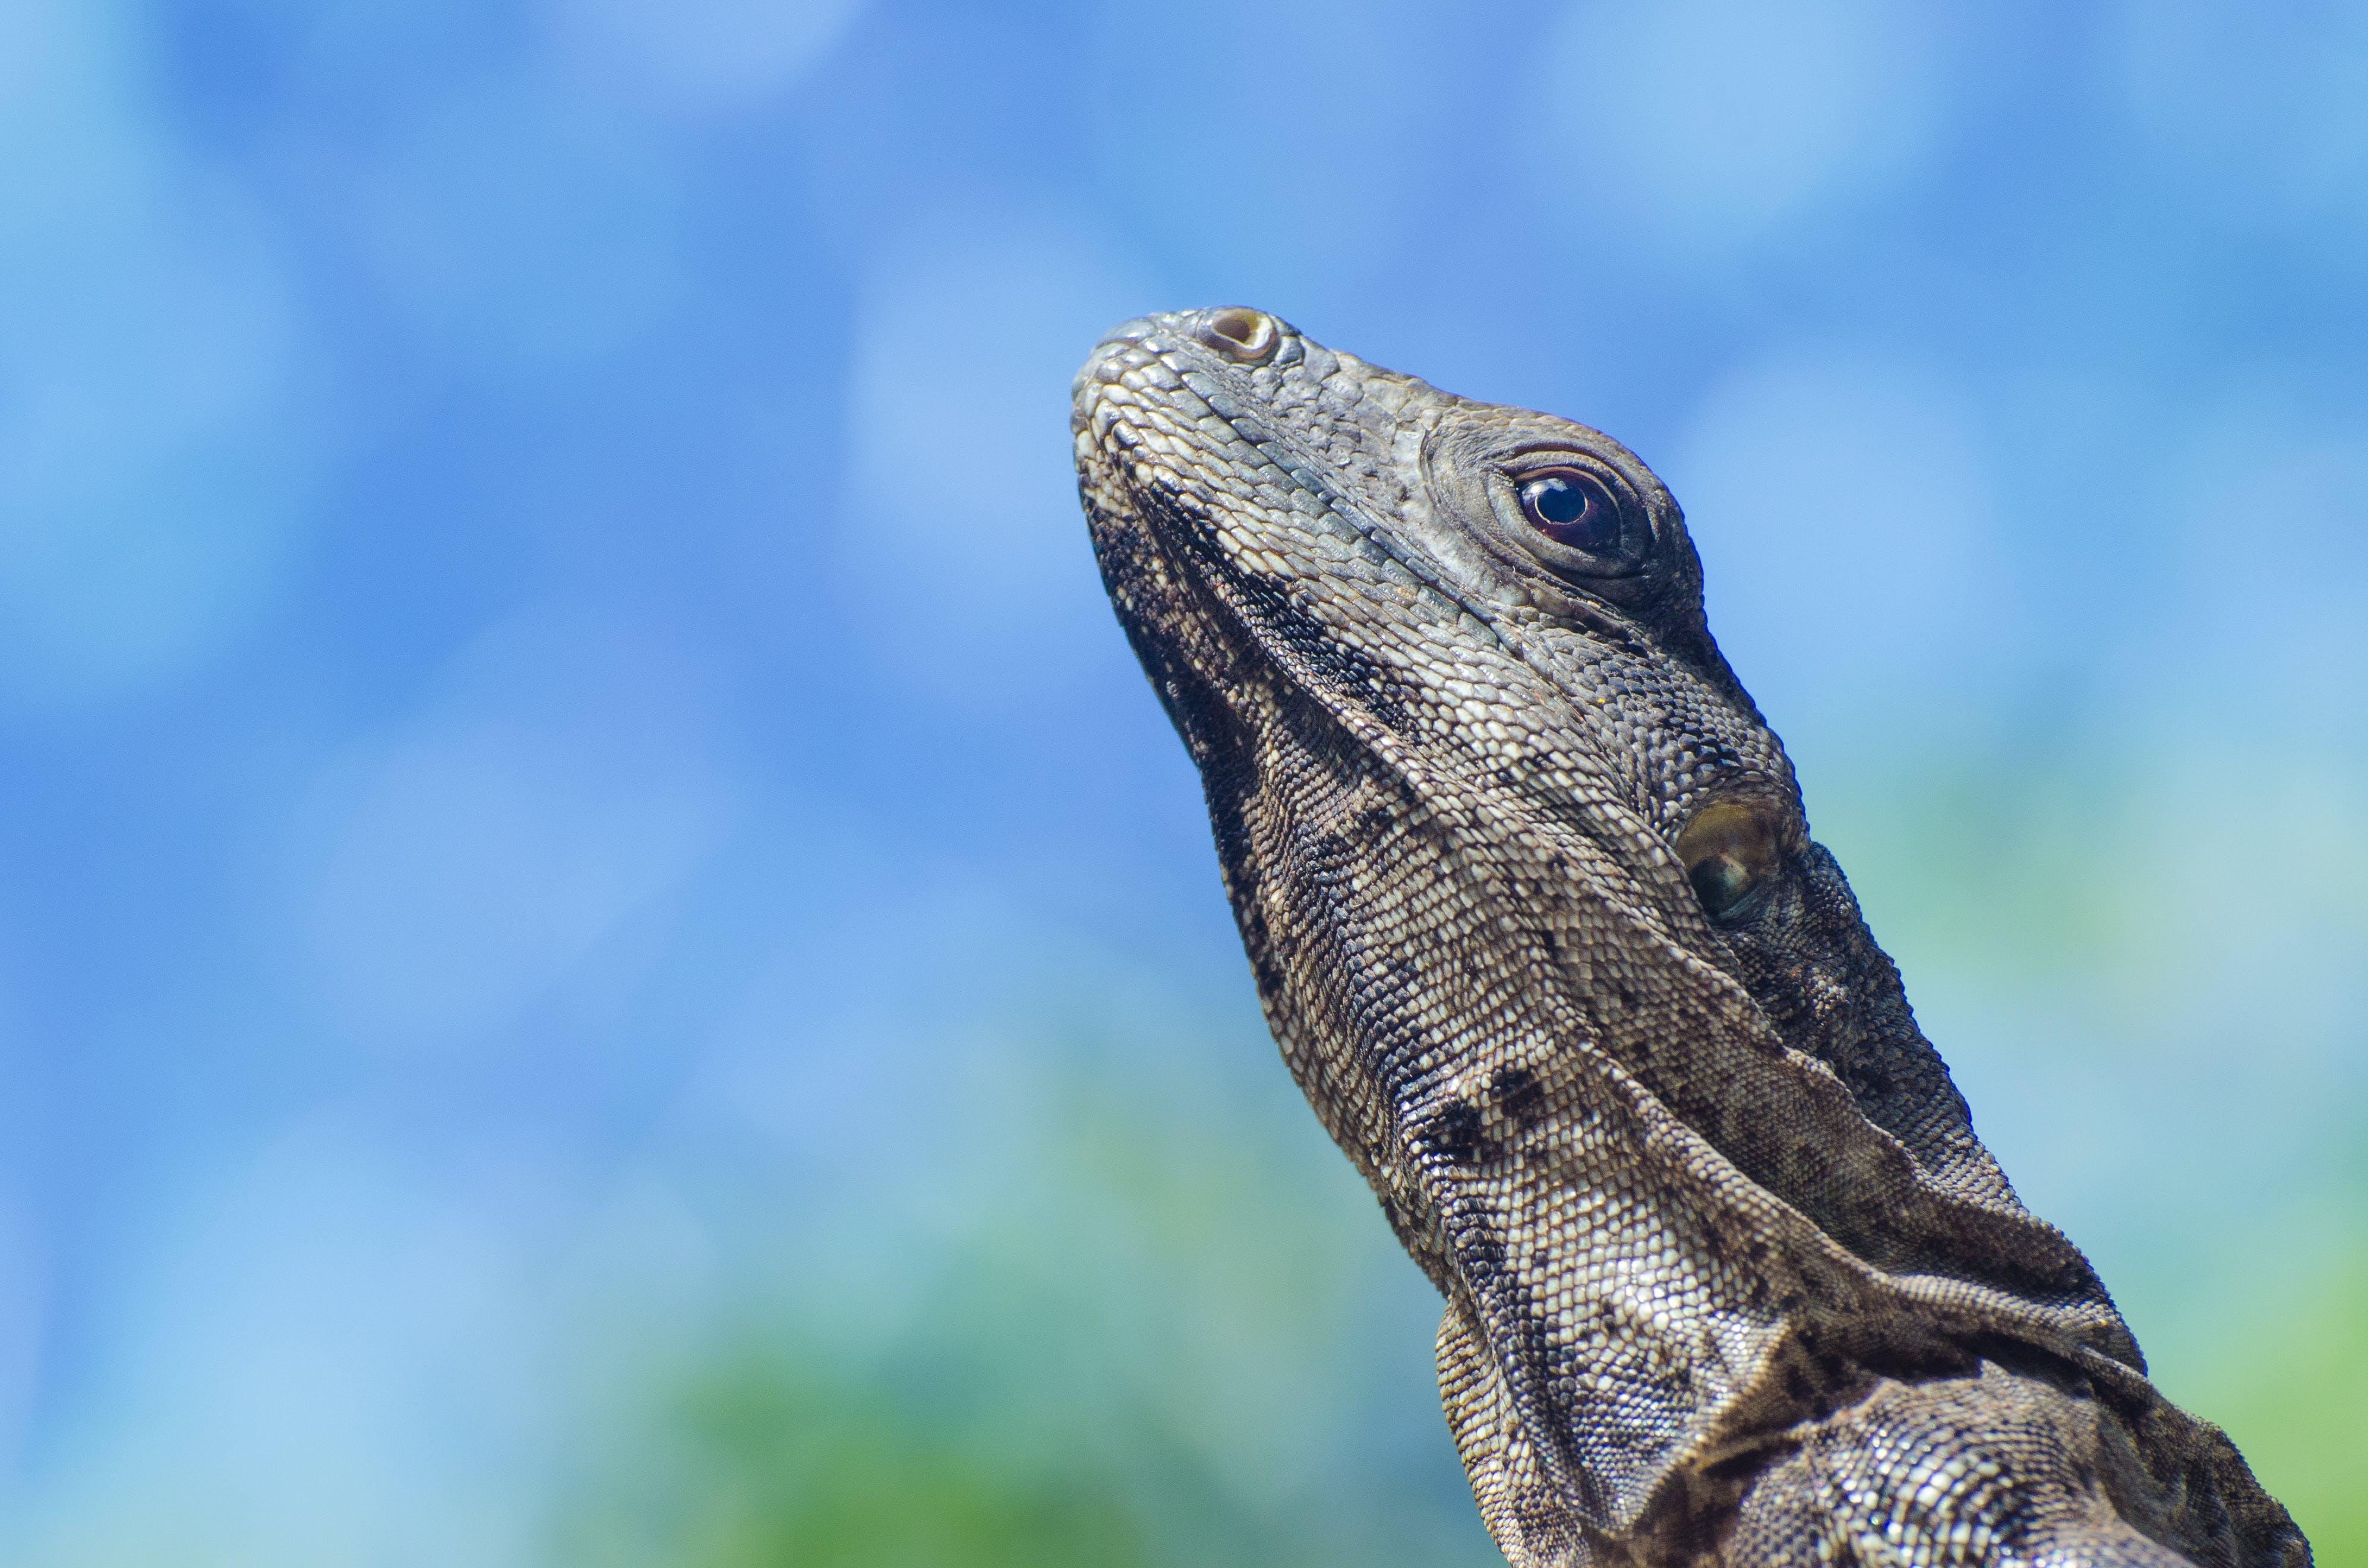 도마뱀, 동물, 동물 사진, 비늘의 무료 스톡 사진